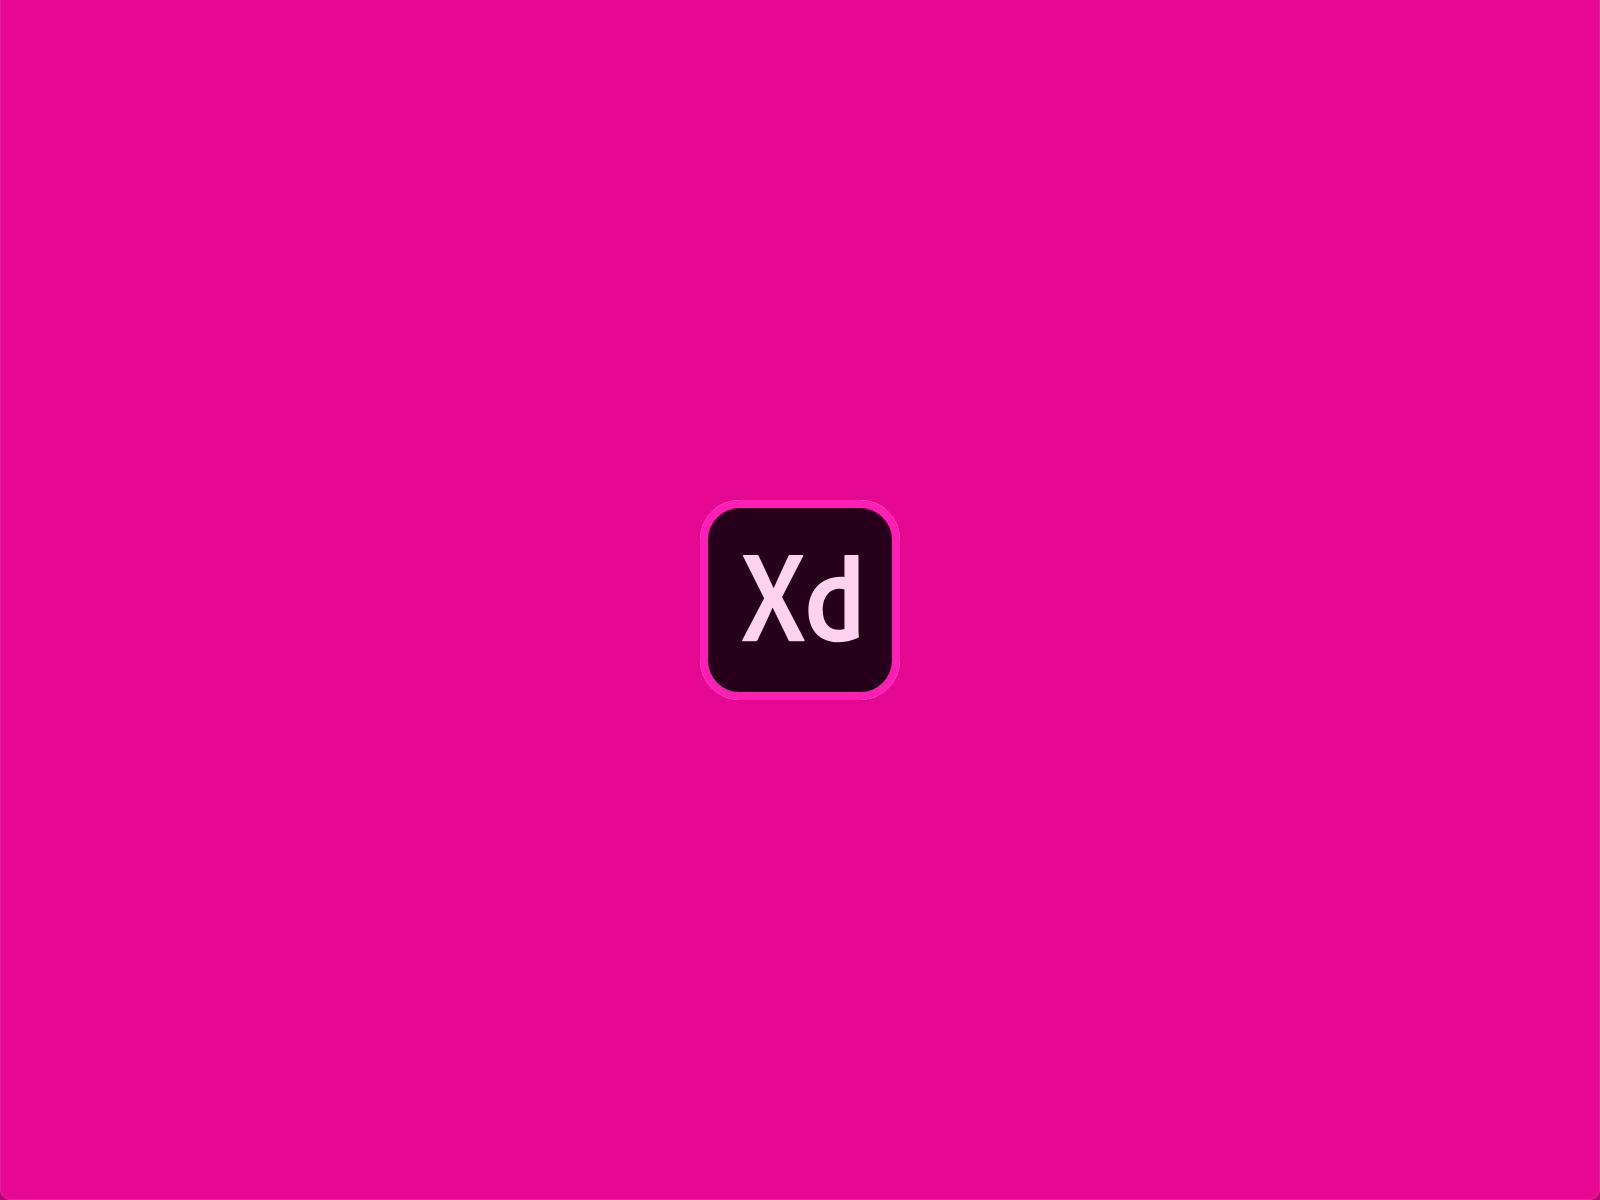 Adobe XD Playoff: Design. Rebound. Win!